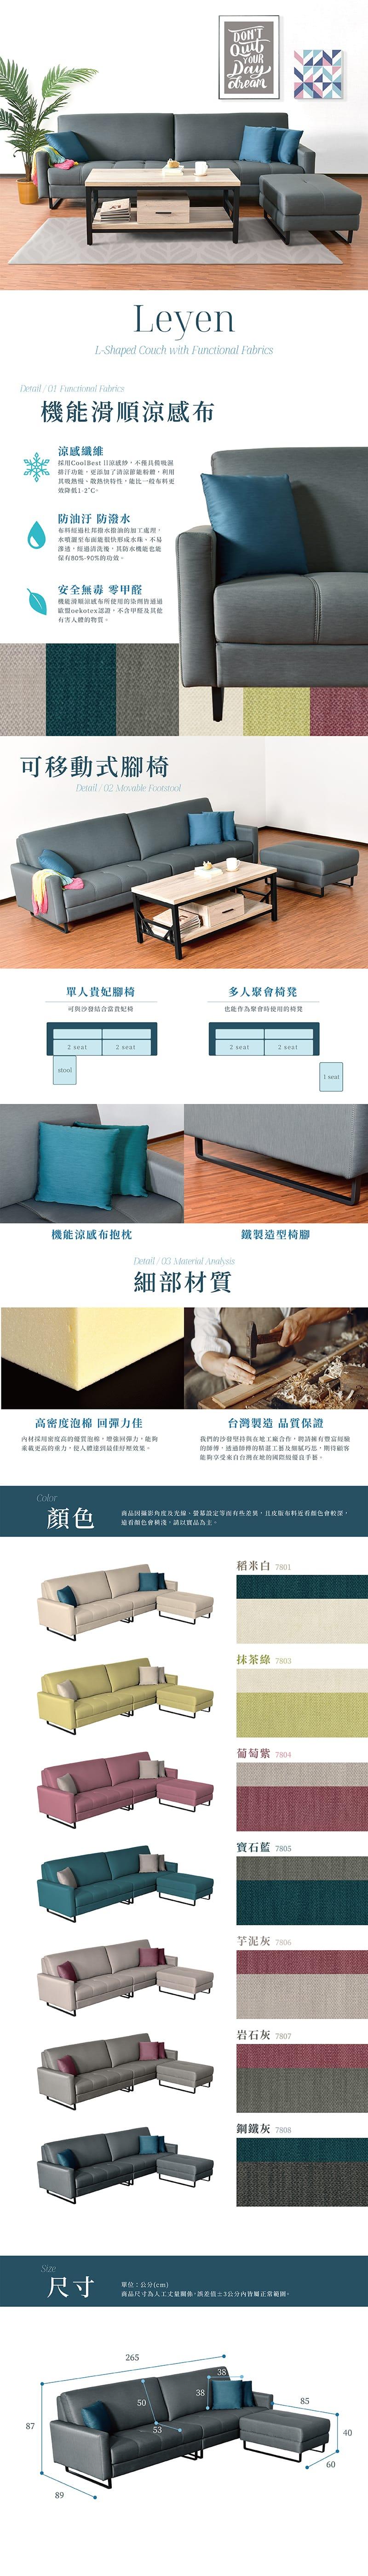 涼感布L型沙發(7色可選)【雅利安】